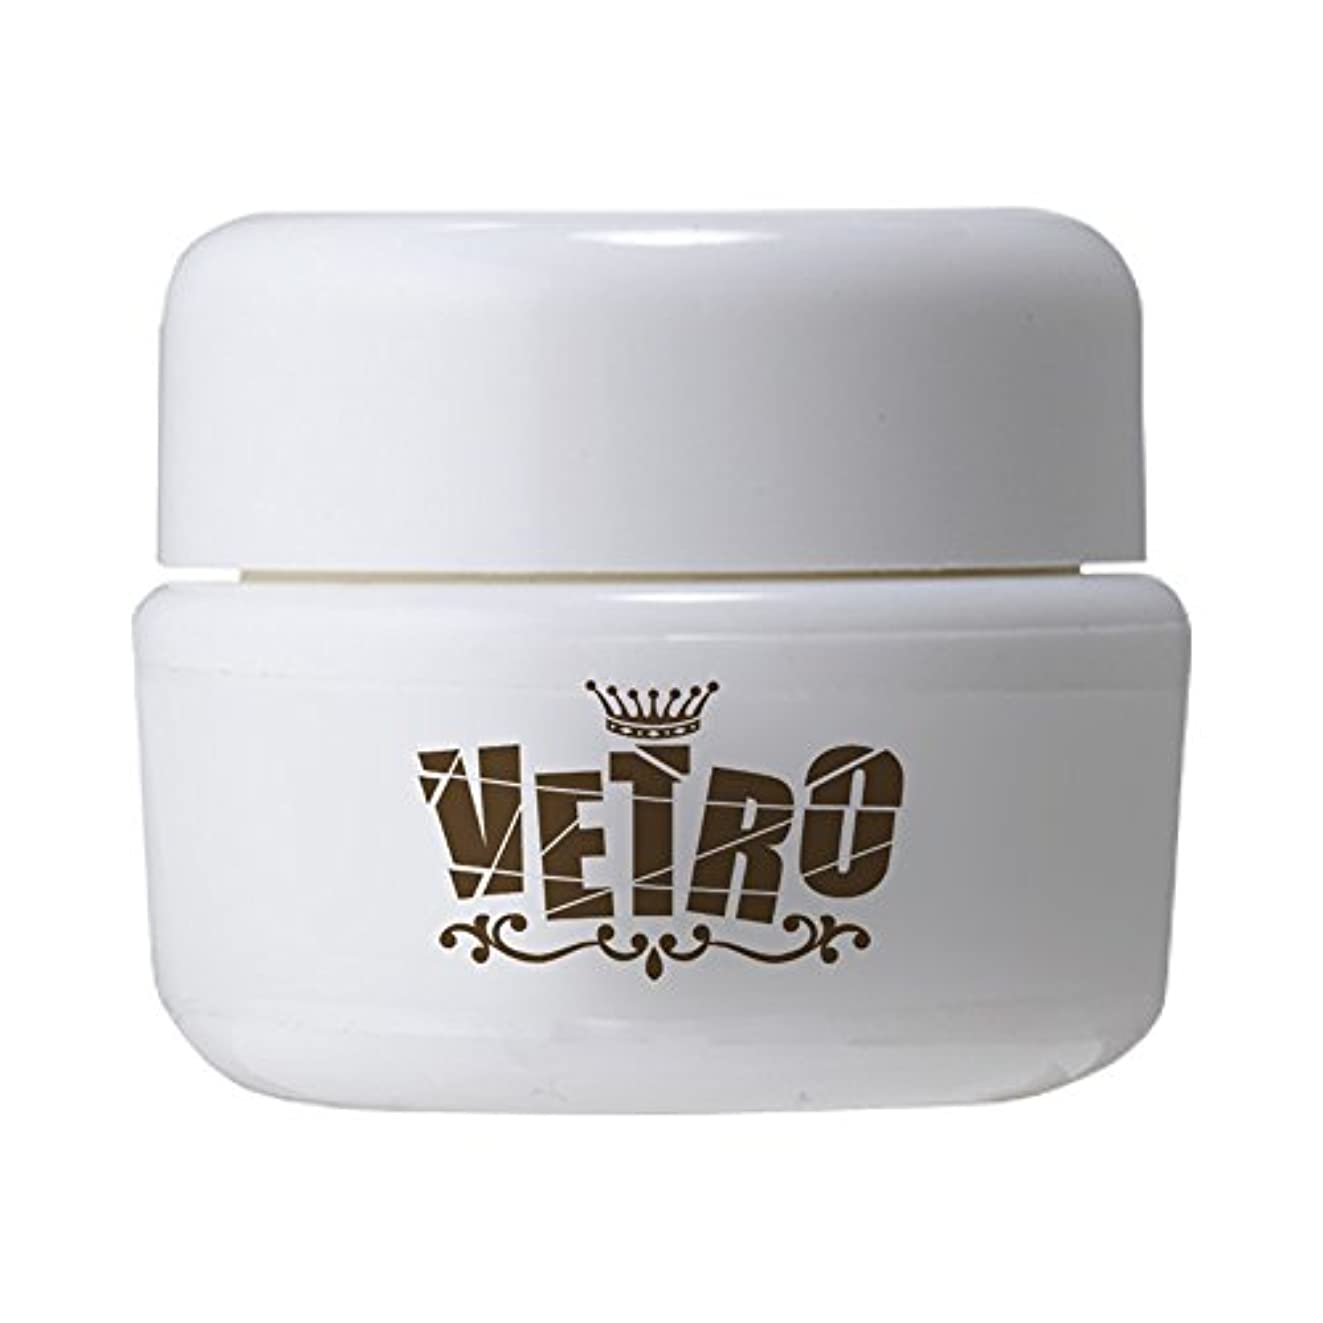 問い合わせる乳剤サーバントVETRO カラージェル VL351 クラッカーリング 4ml UV/LED対応 ソークオフジェル オーロラクリアグリッター